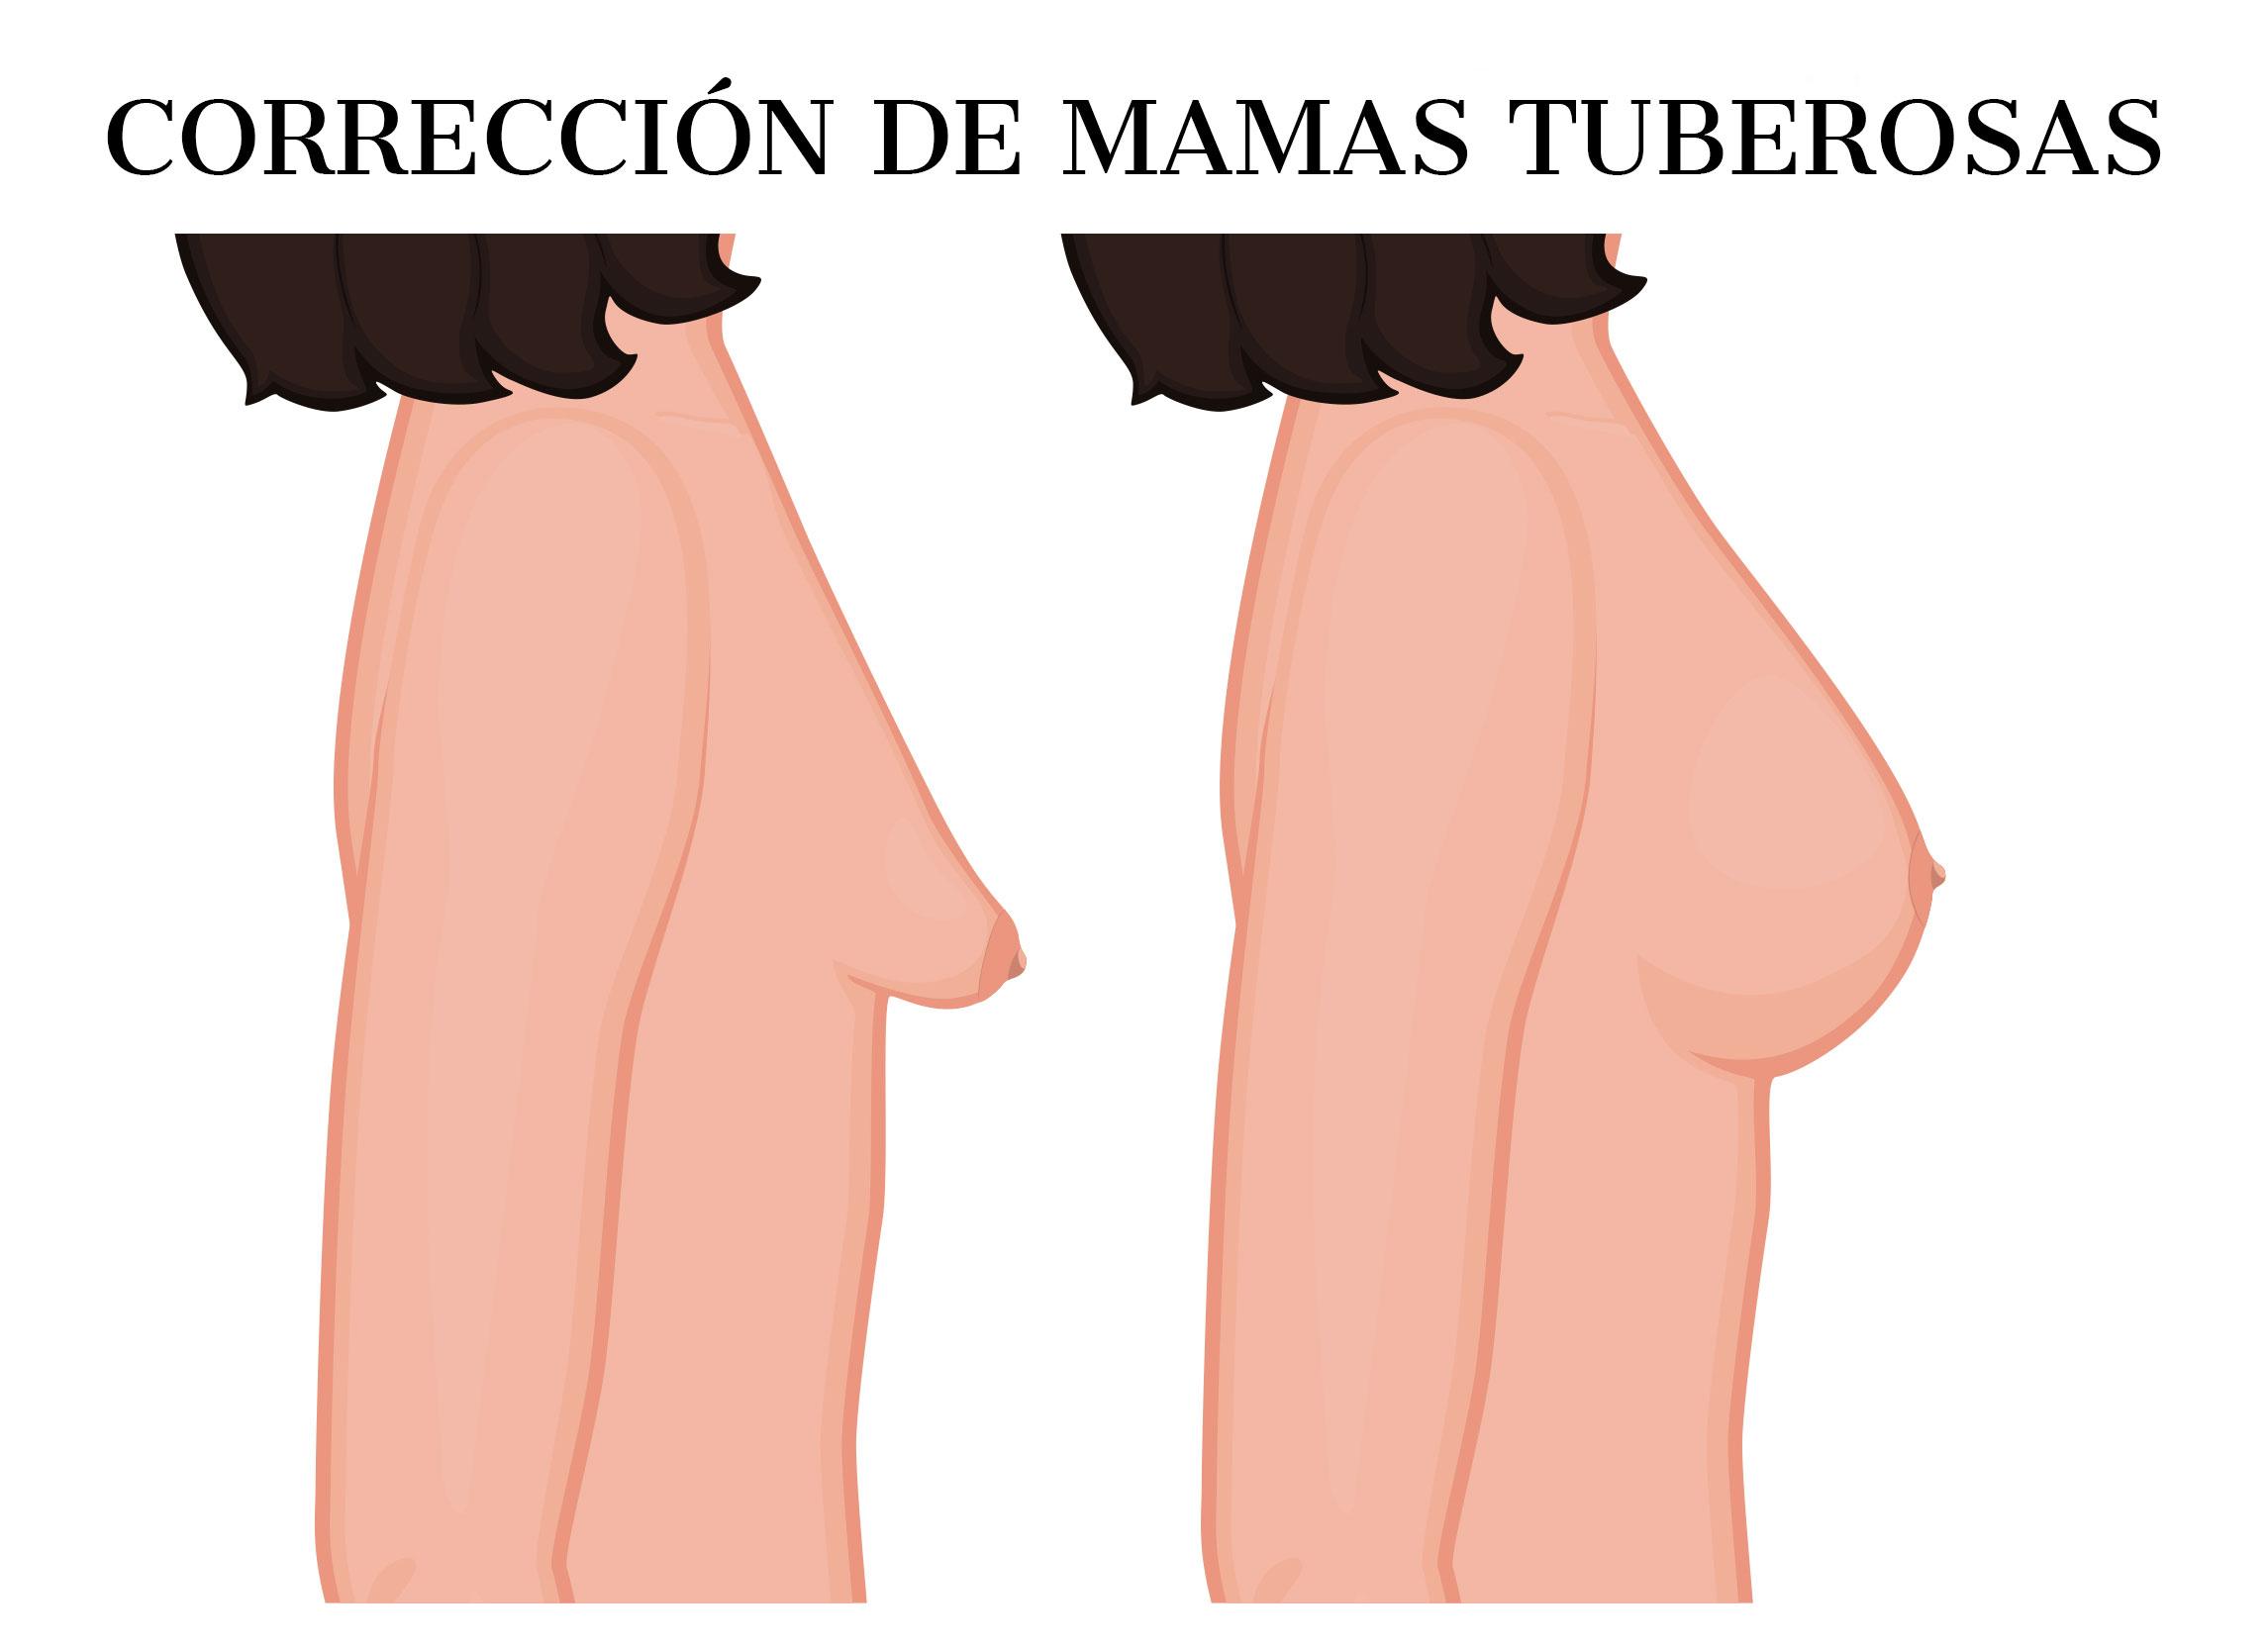 Cirugía de corrección de mamas tuberosas